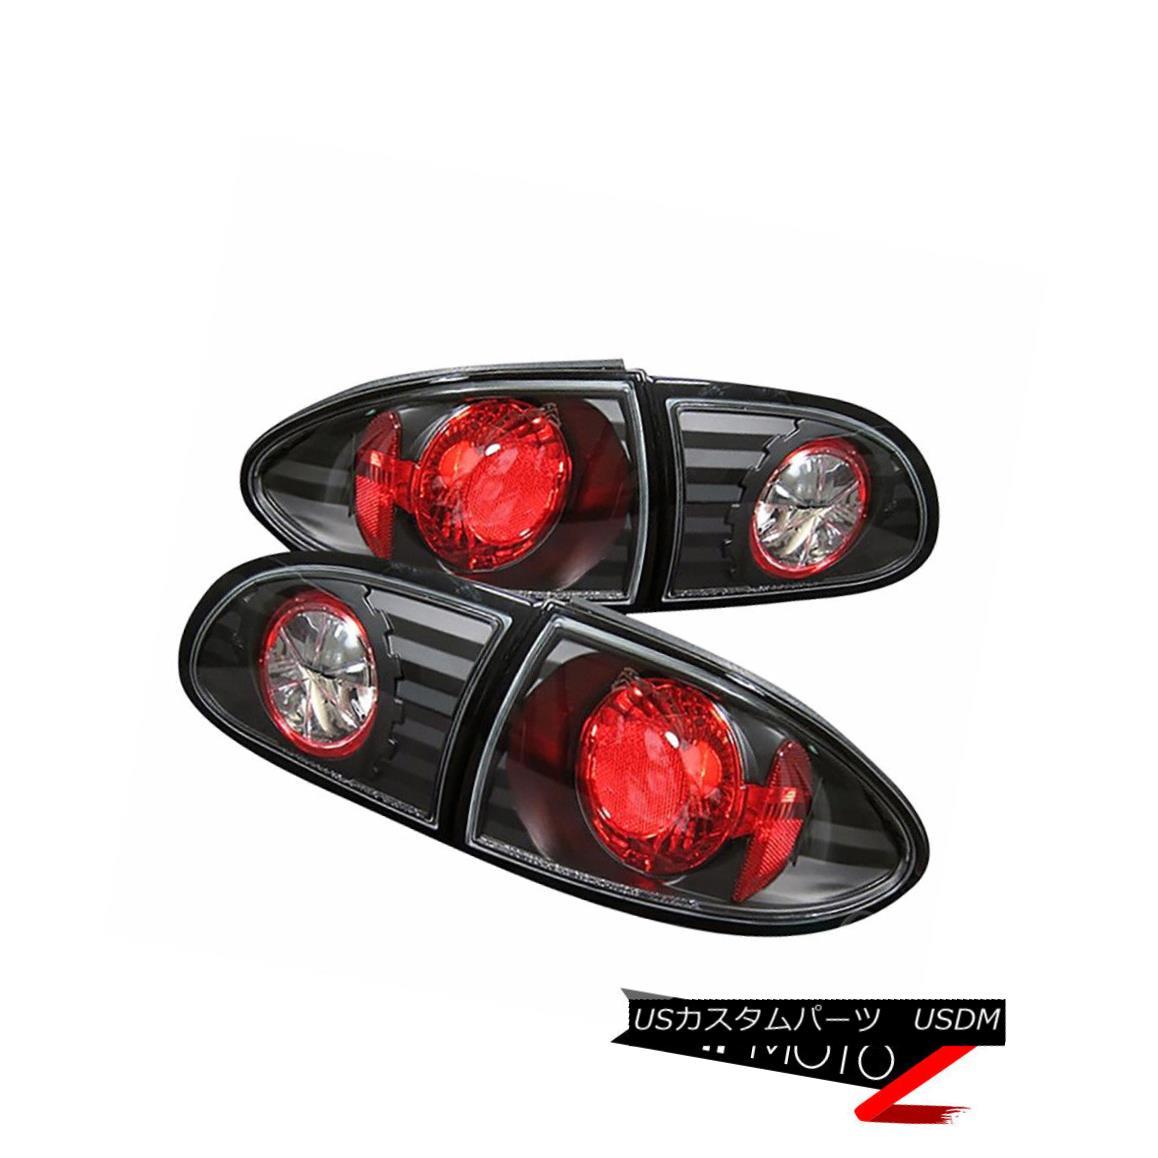 テールライト !DEALZ! 95-02 Chevy Cavalier Sport Coupe Sedan Black Tail Lights Lamp Pair LH RH !DEALZ! 95-02シボレー・キャバリア・スポーツ・クーペセダン・ブラック・テール・ライトランプ・ペアLH RH